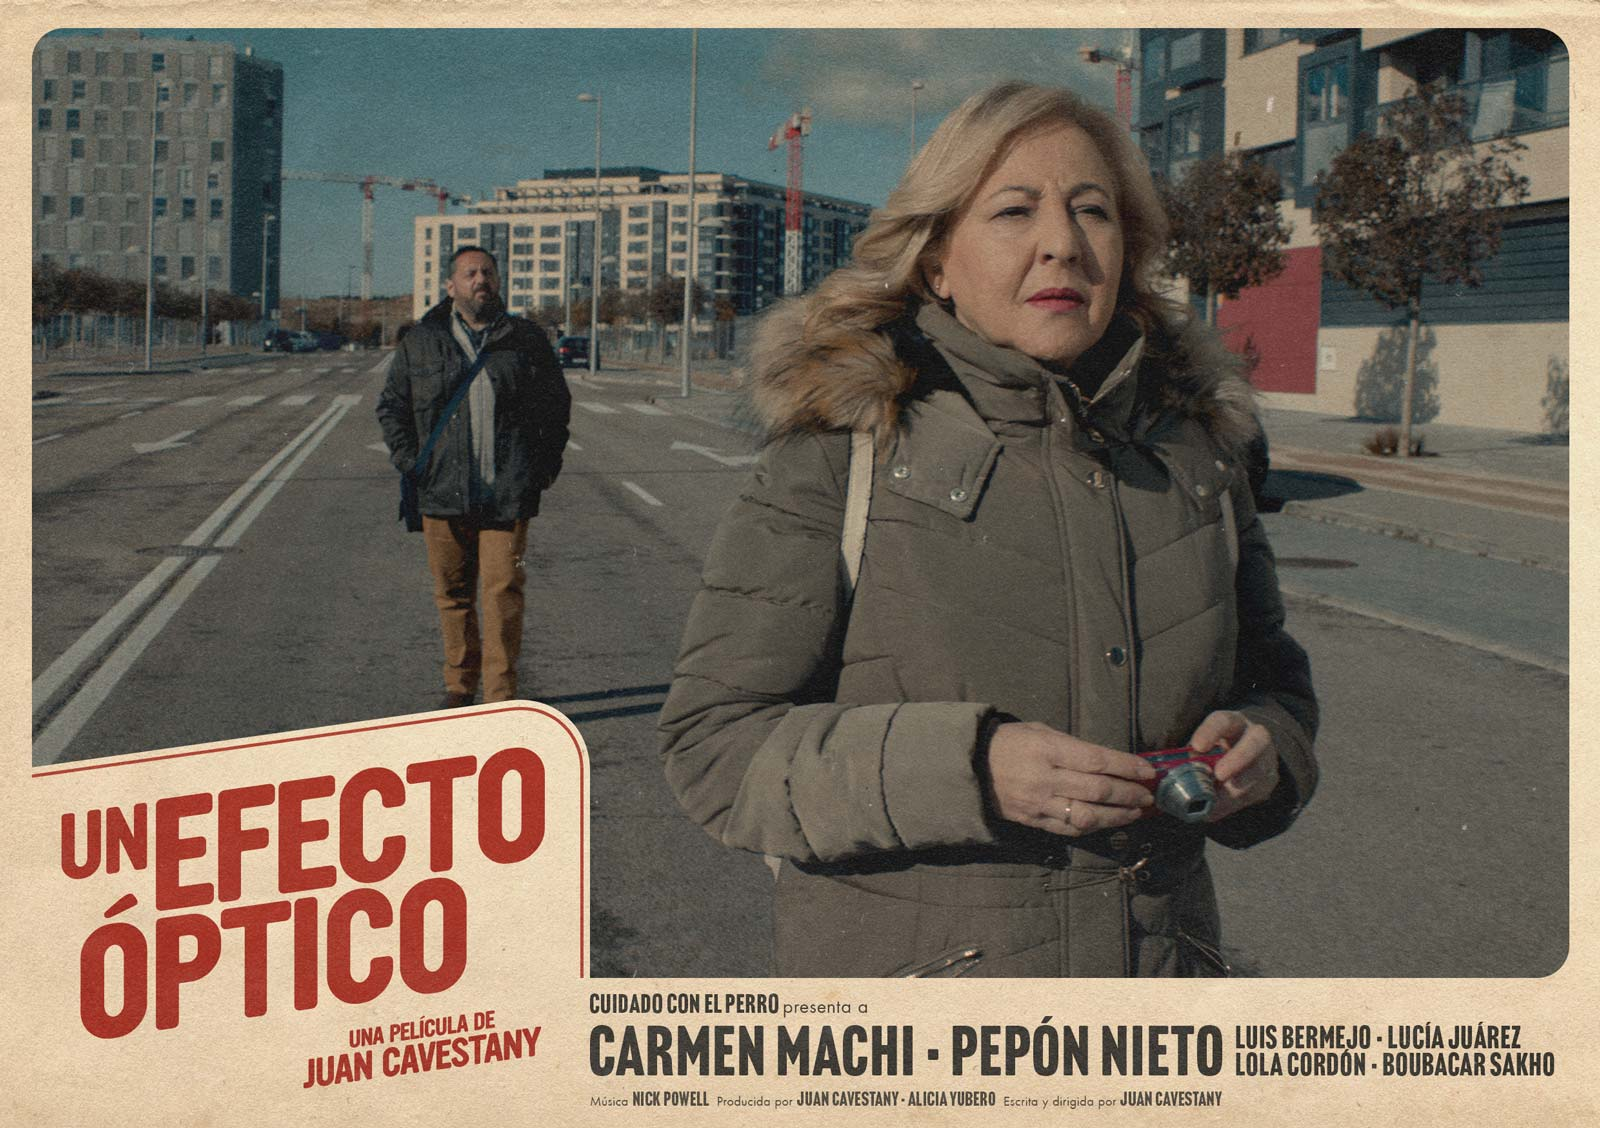 UN EFECTO ÓPTICO de JUAN CAVESTANY con Carmen Machi y Pepón Nieto